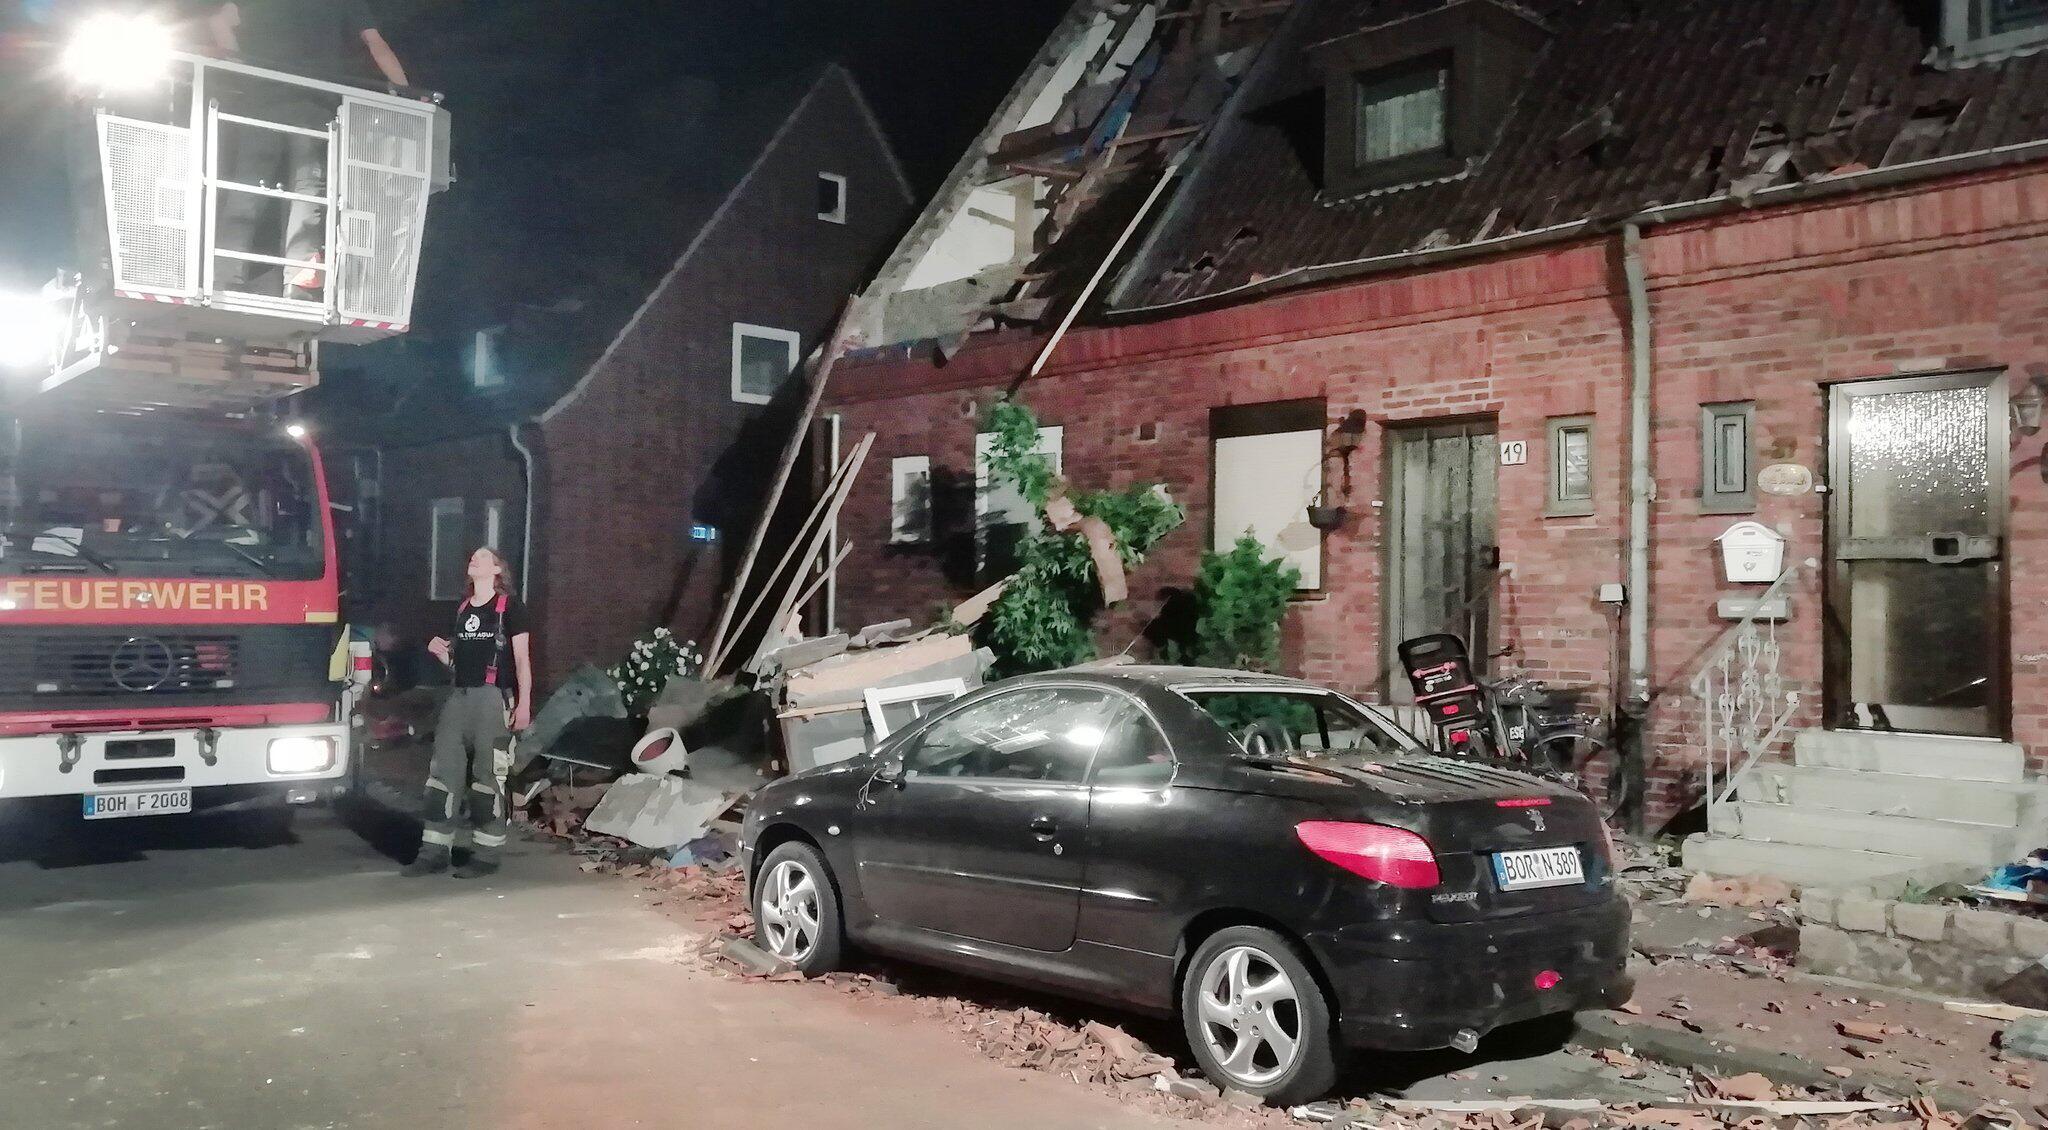 Bild zu Unwetter, Bocholt, NRW, Nordrhein-Westfalen, Zerstörung, Auto, Tornado, Peugeot